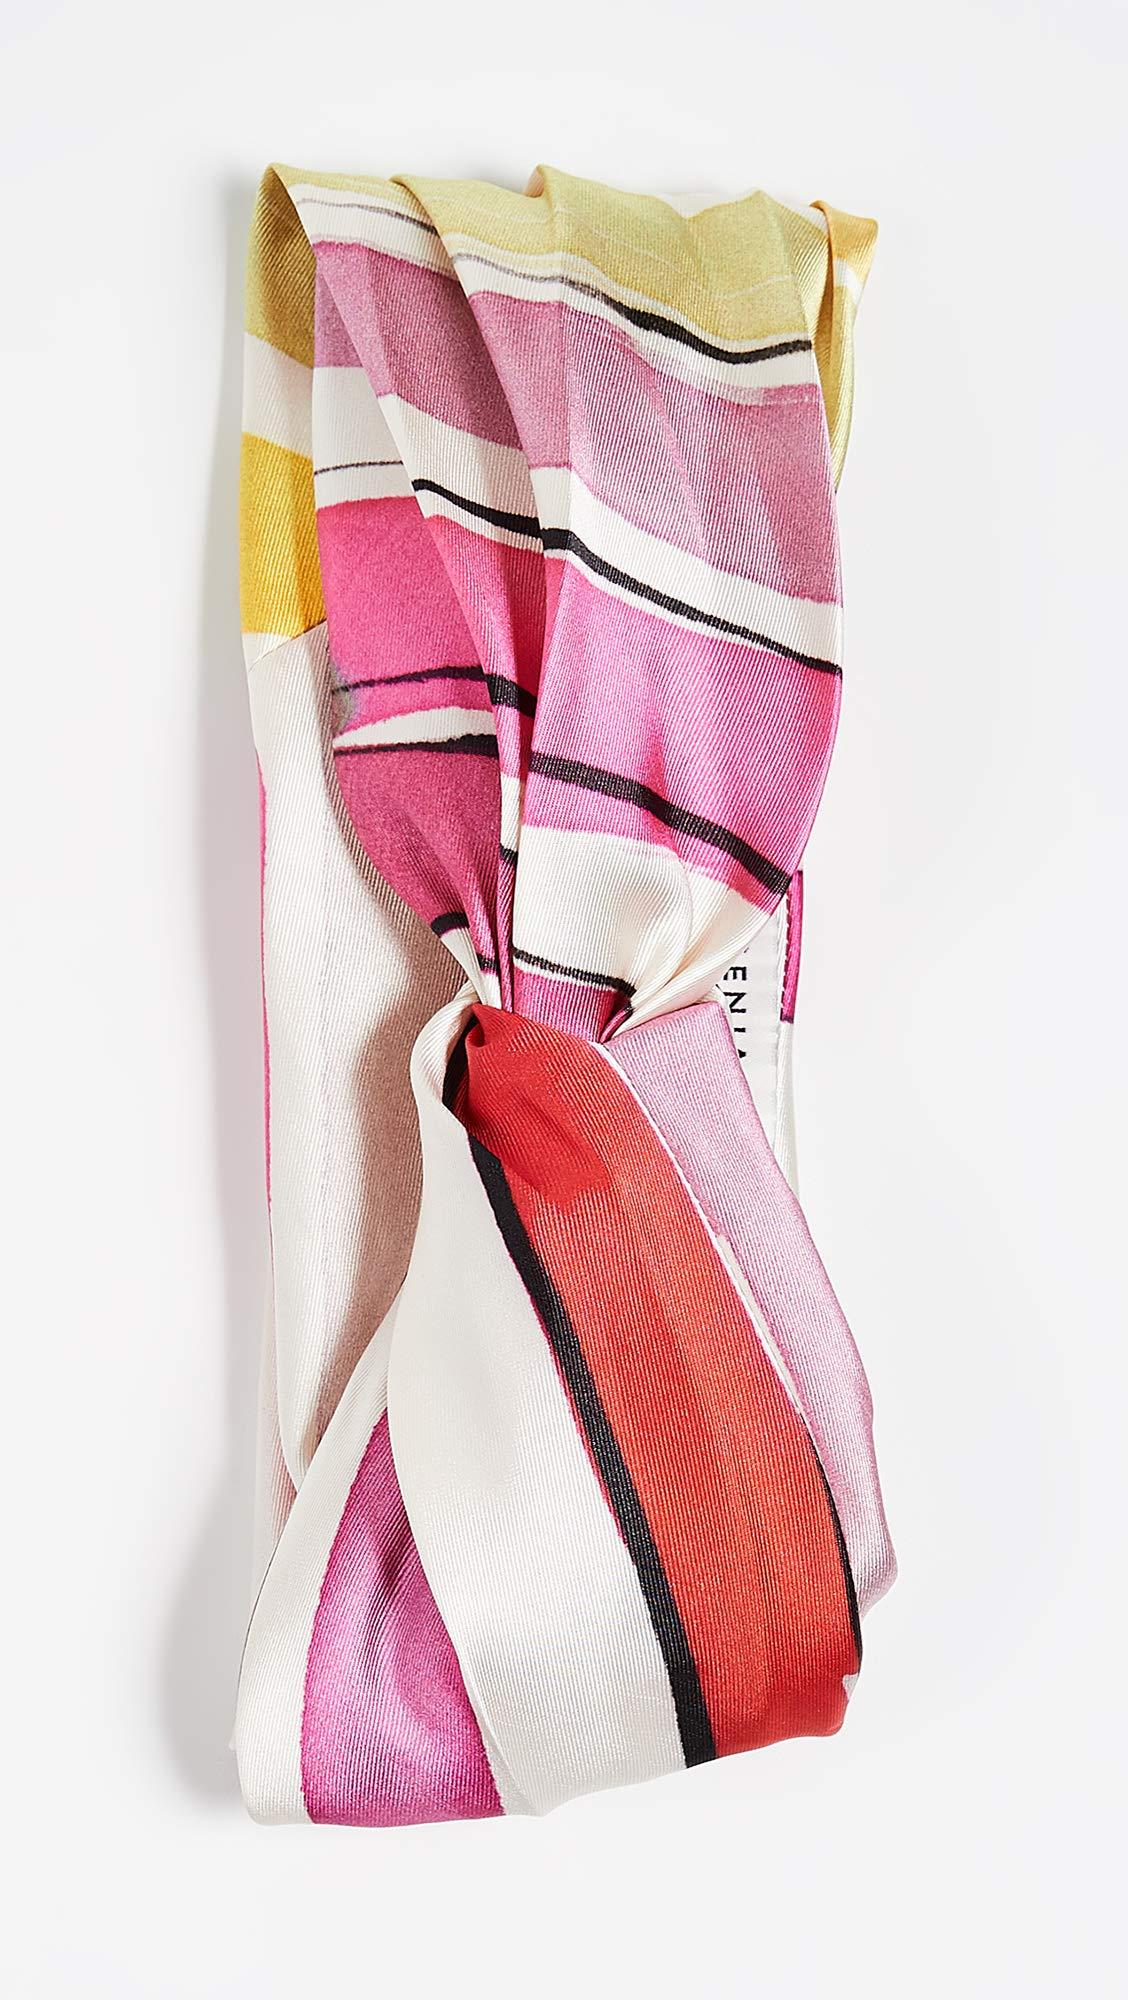 Eugenia Kim Women's Malia Headband, Pink/Red, One Size by Eugenia Kim (Image #2)